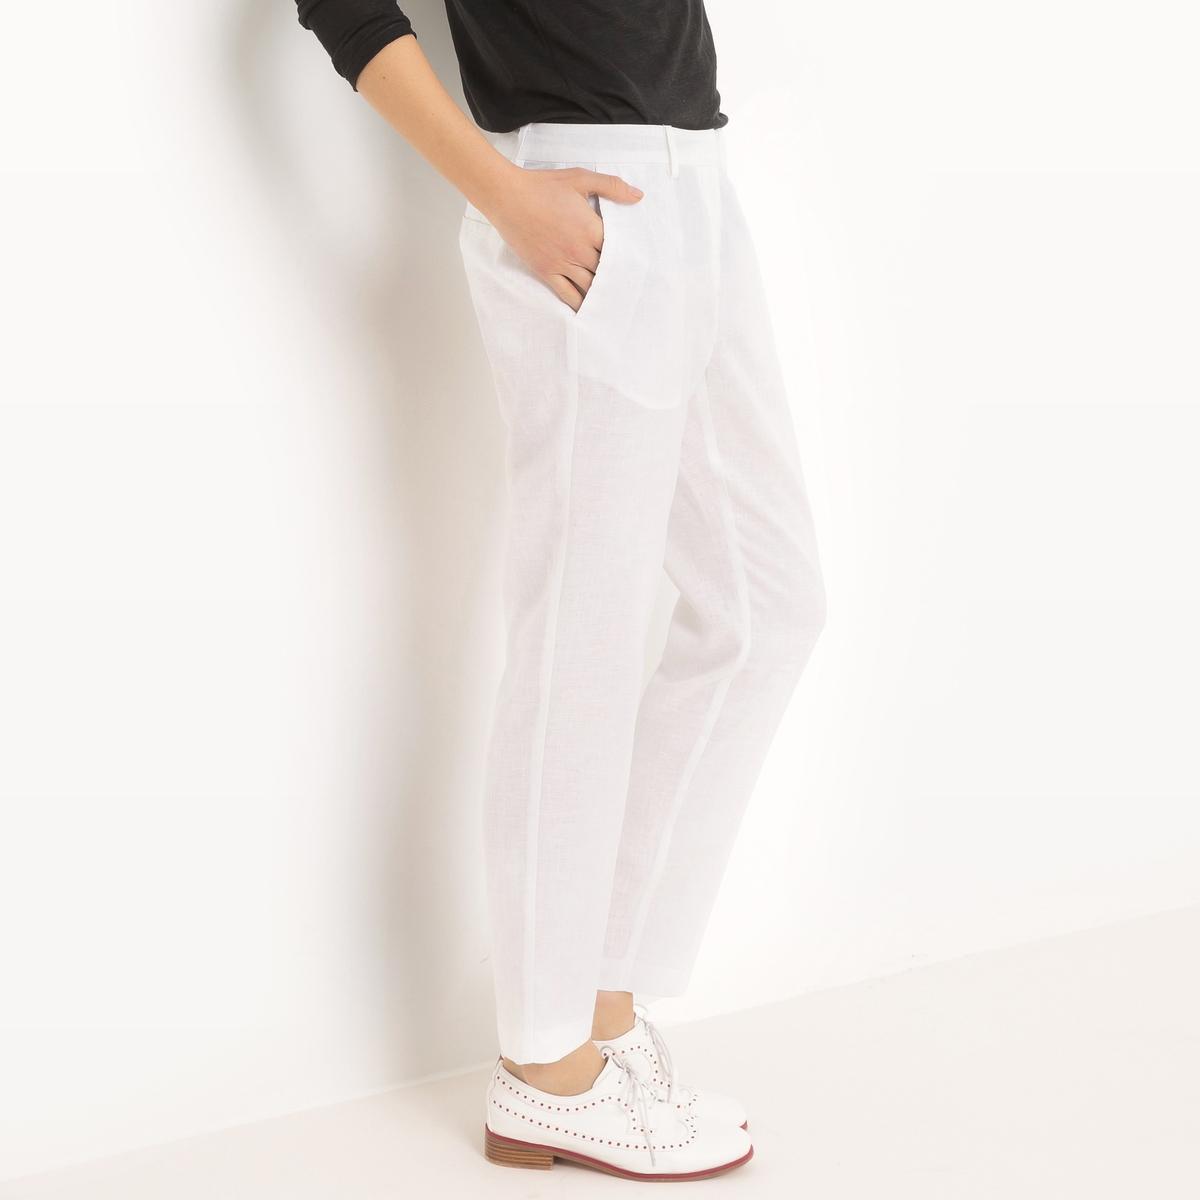 Брюки-дудочки узкие из льна брюки узкие дудочки